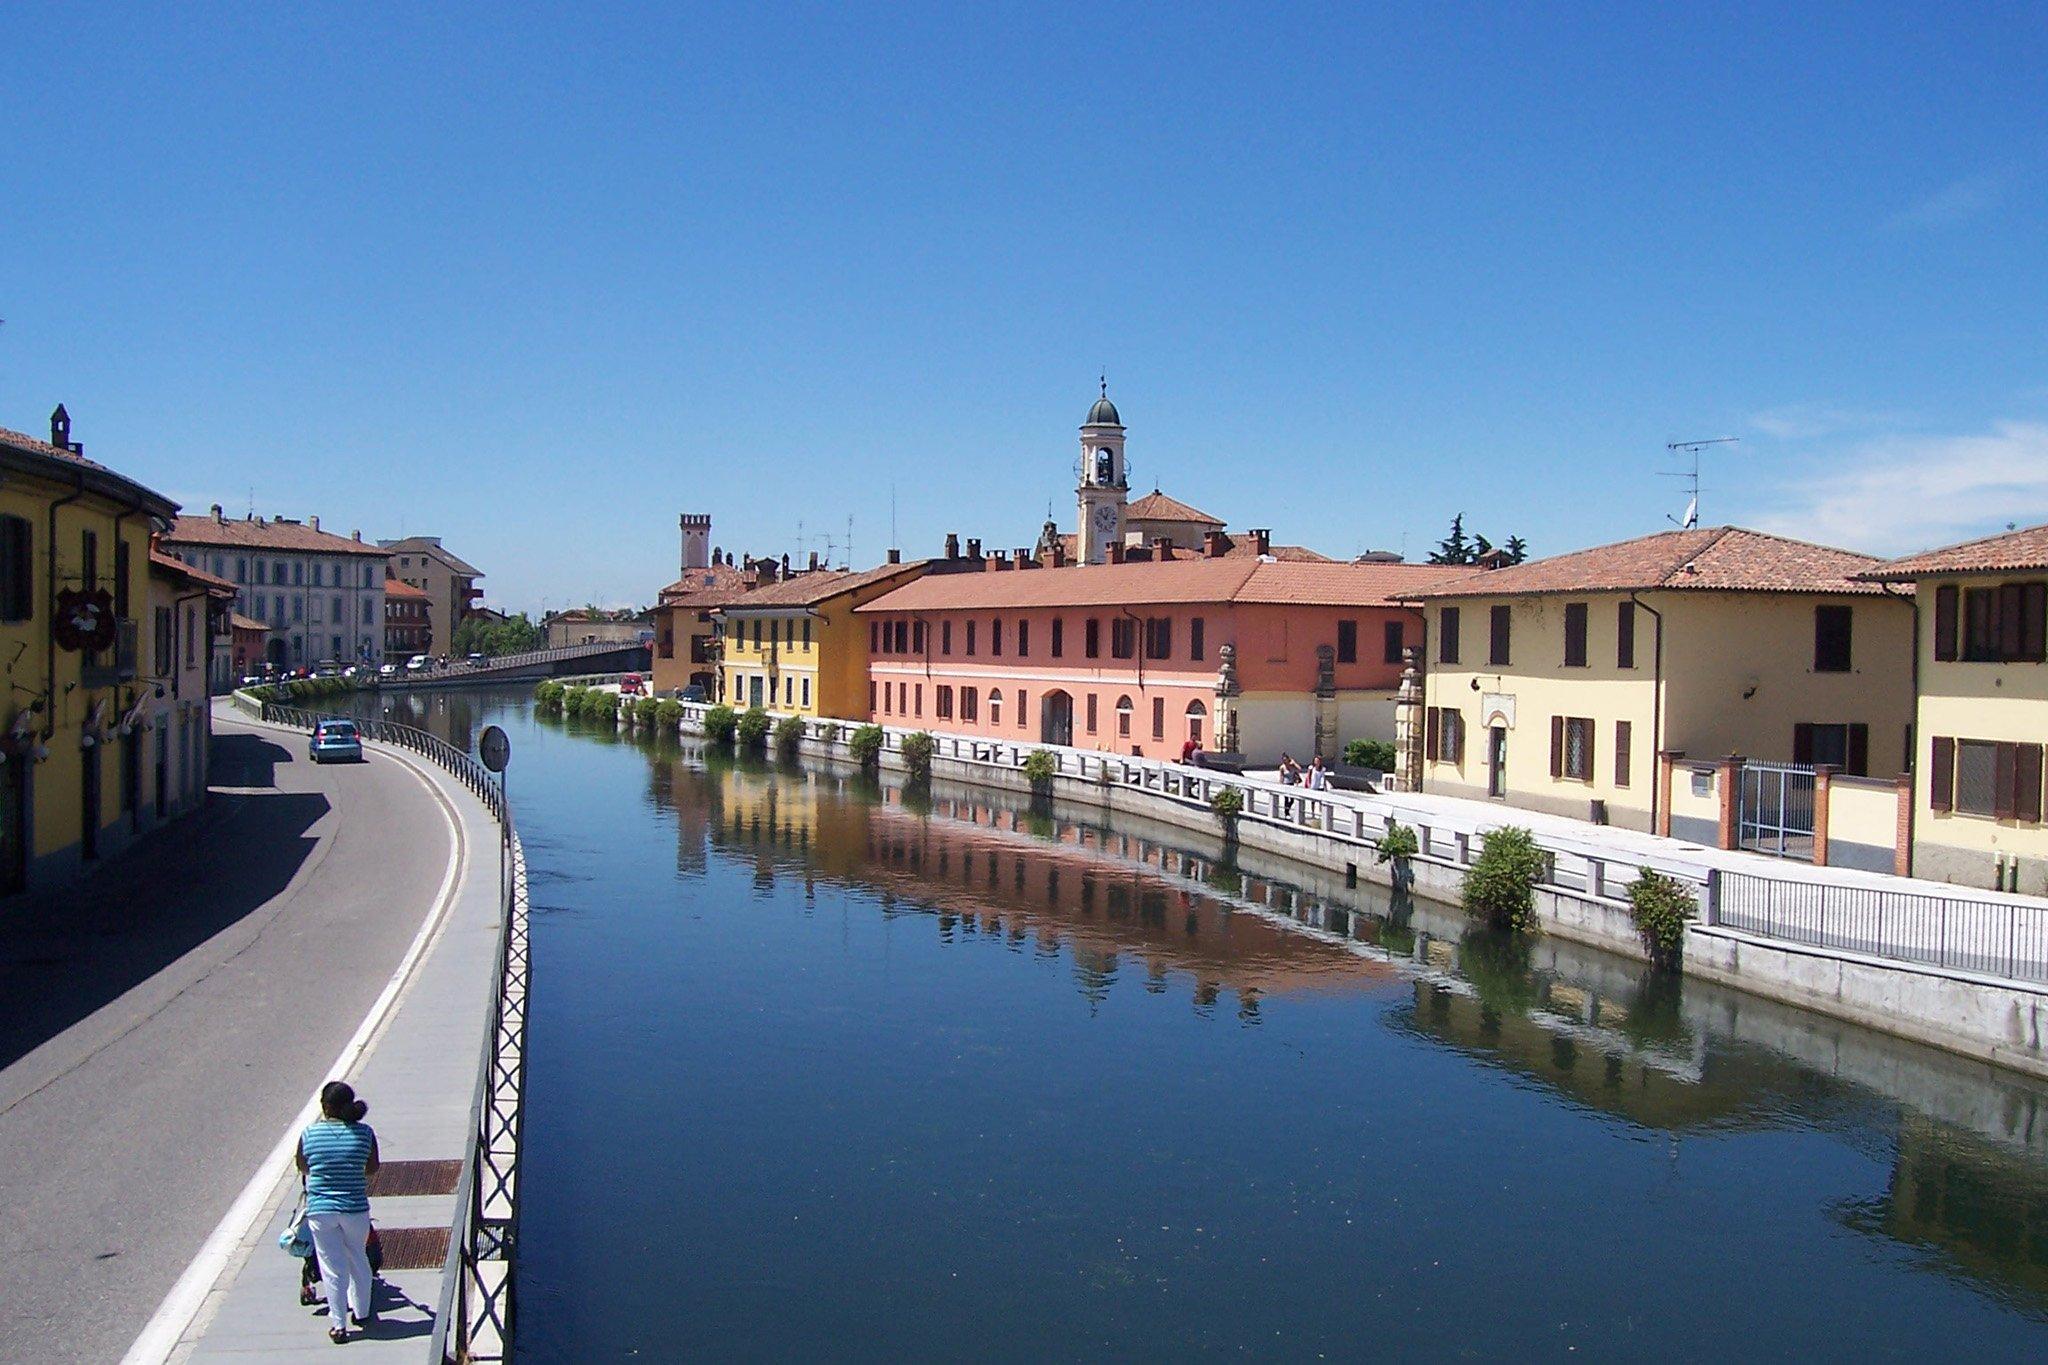 Каналы Навильи Ломбарди